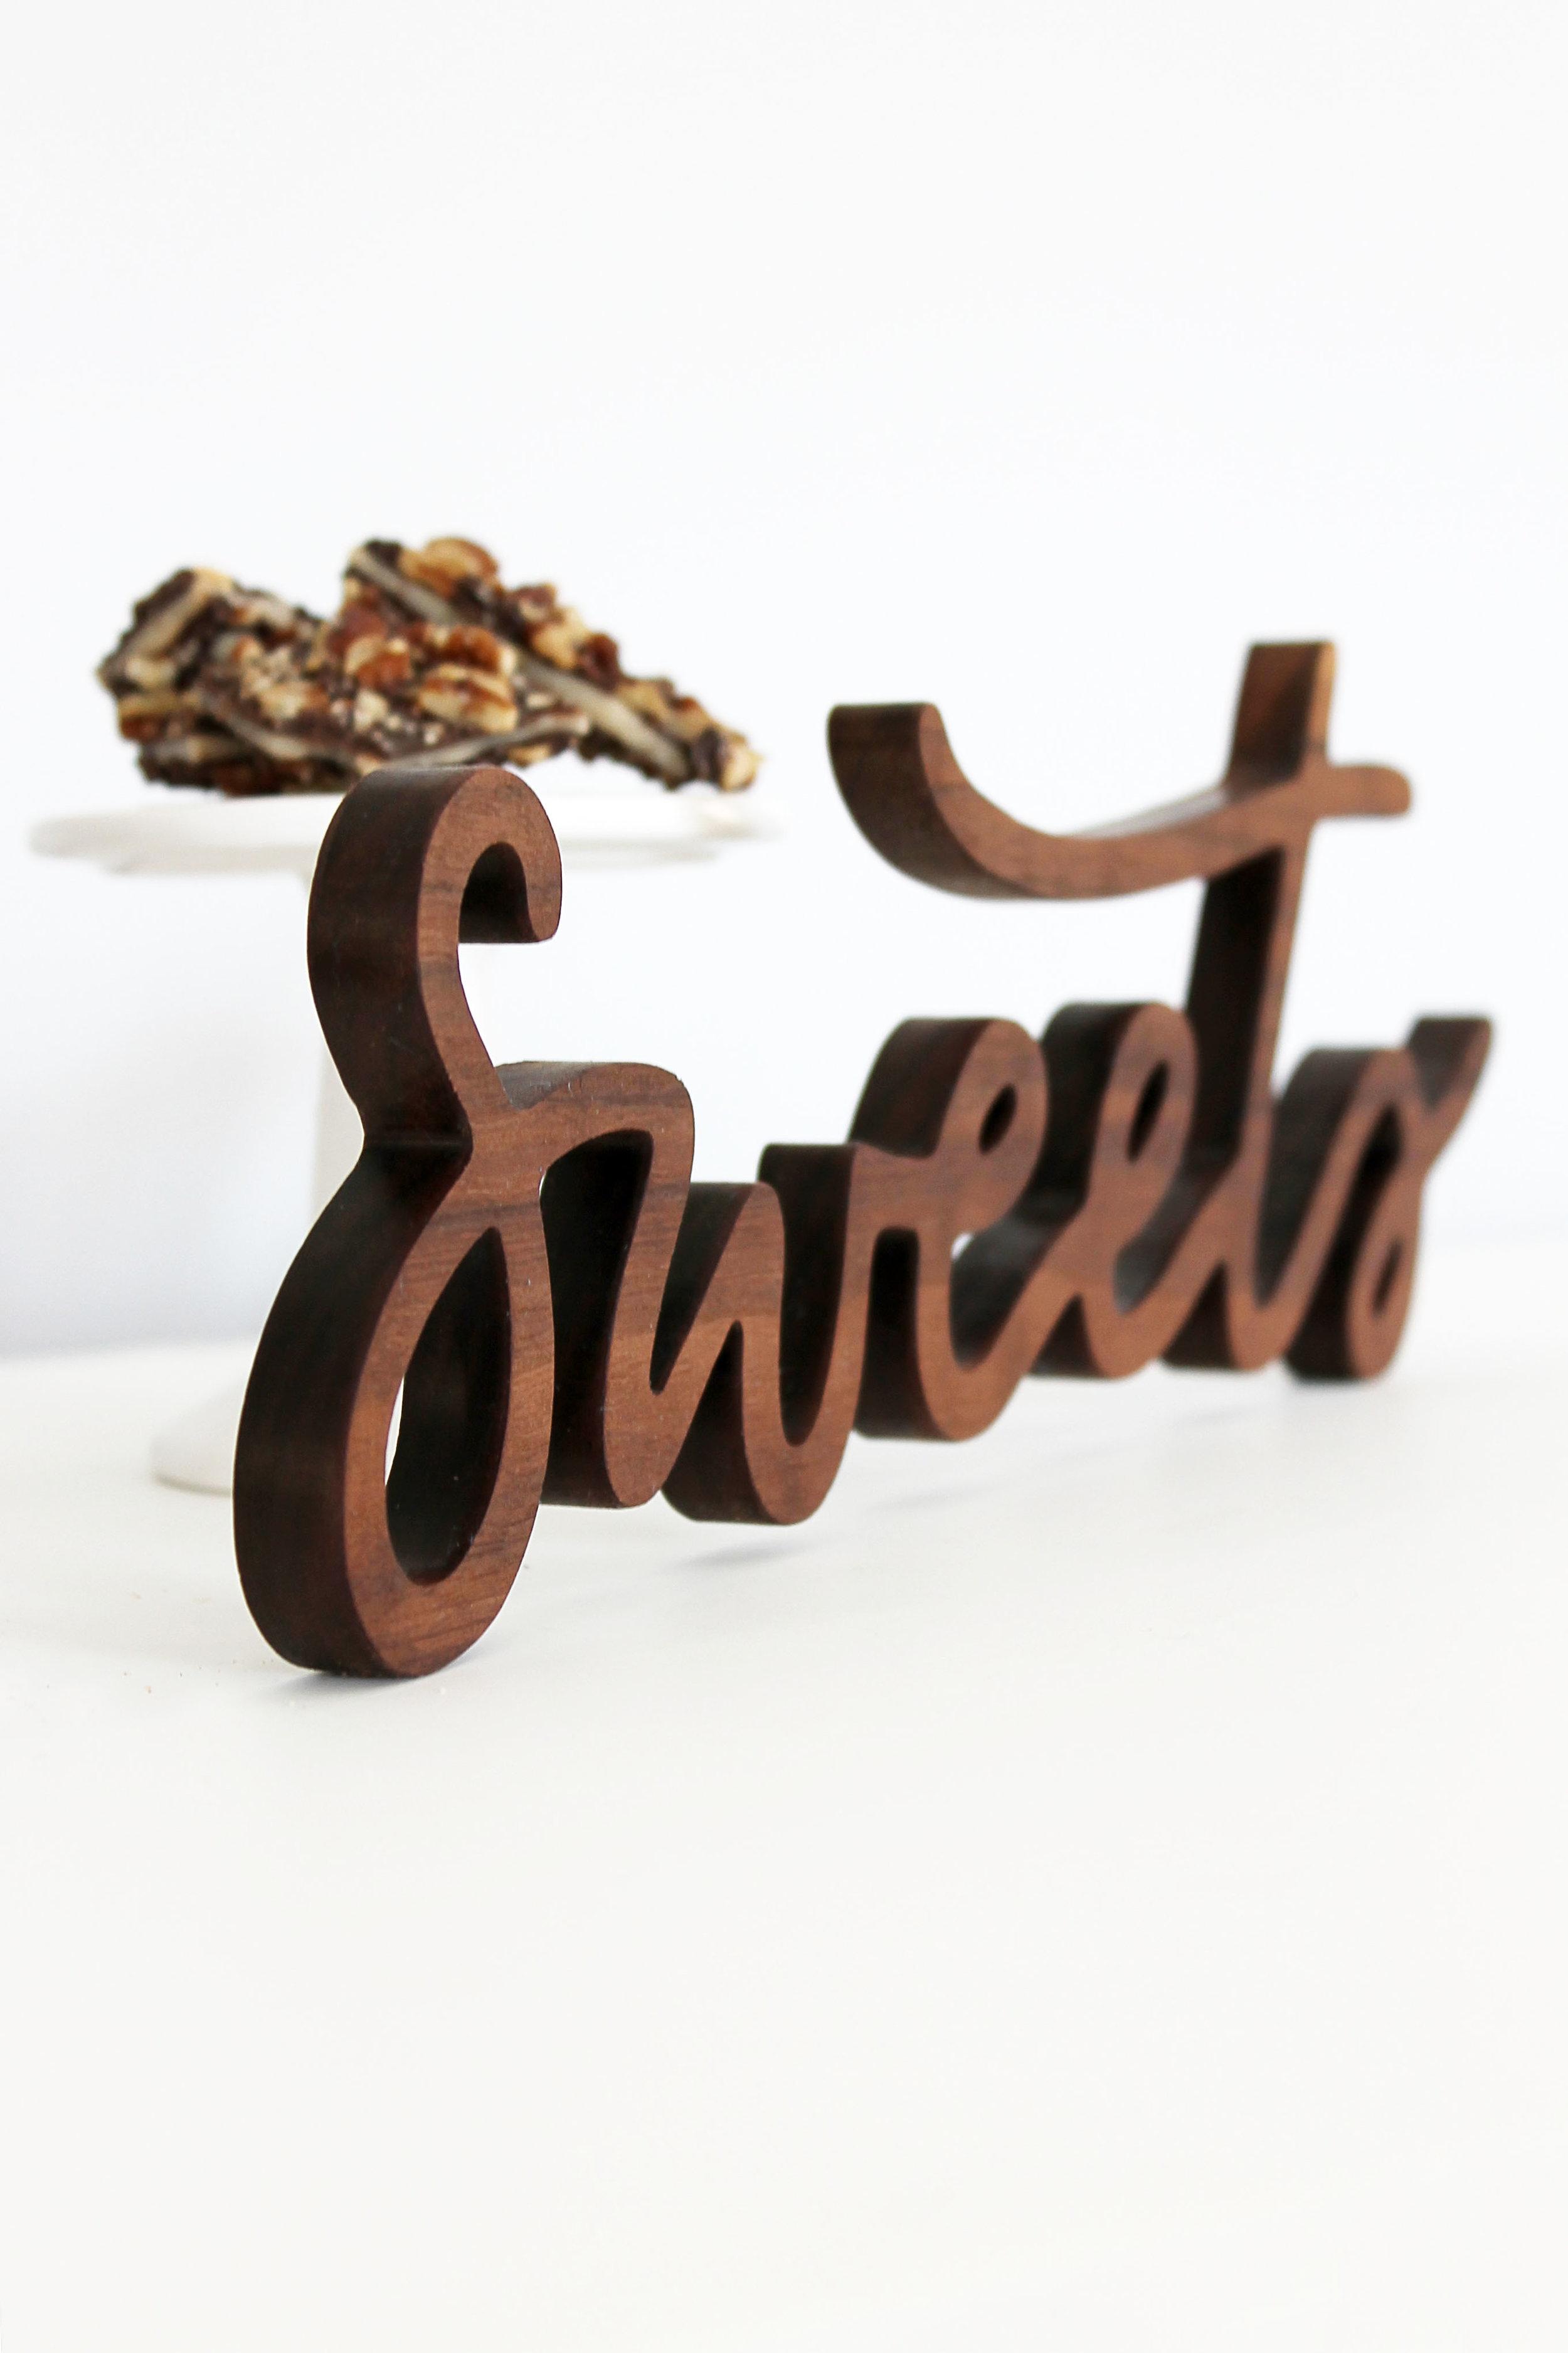 Wooden Cutout Dessert Sign